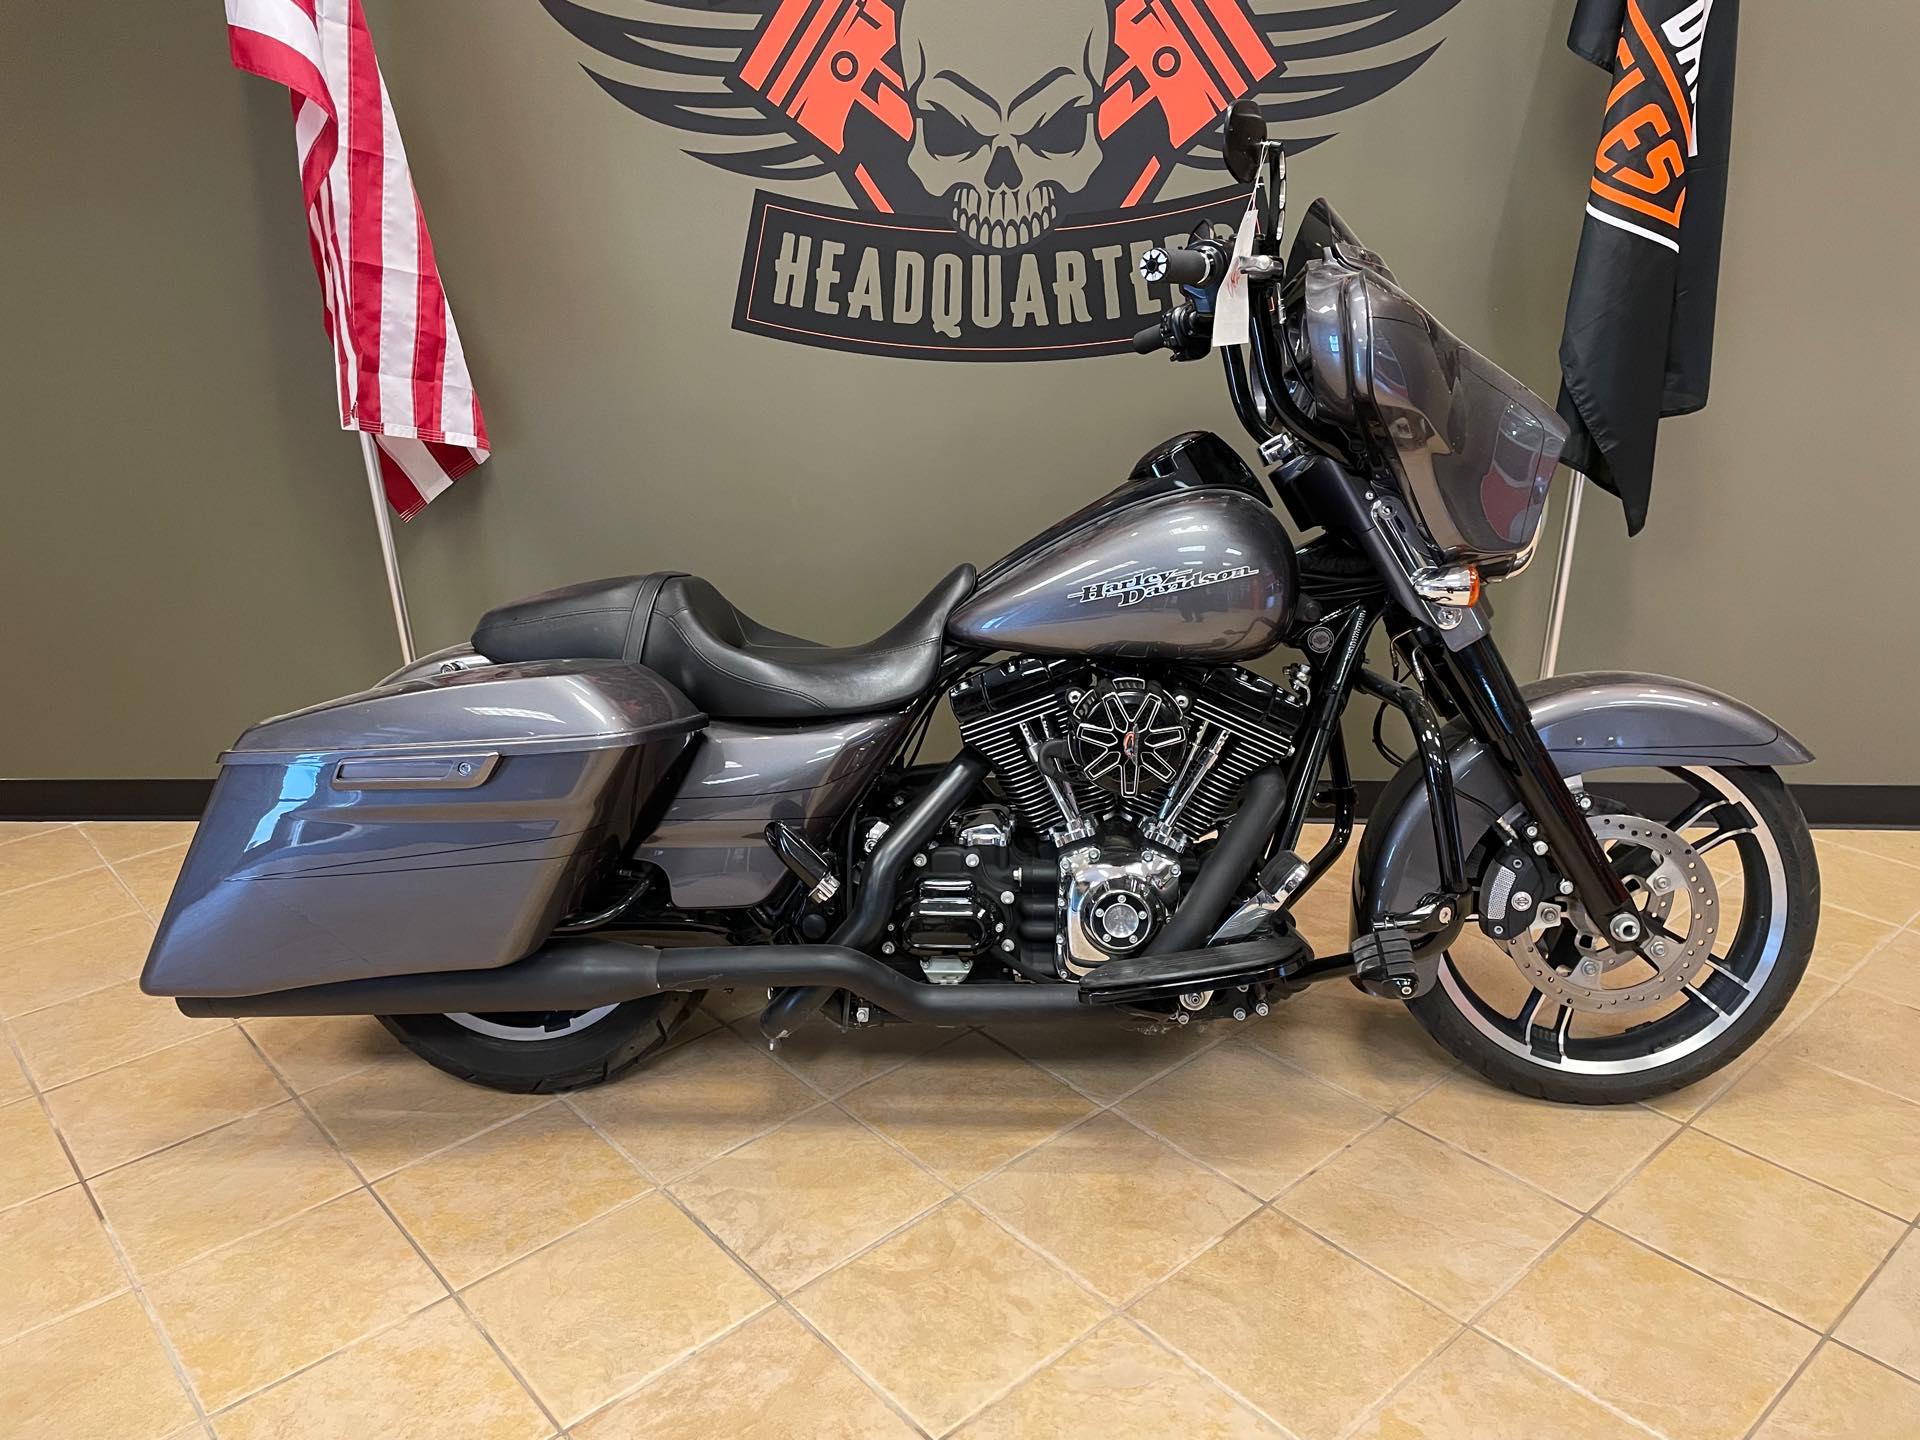 2014 Harley-Davidson Street Glide Special at Loess Hills Harley-Davidson